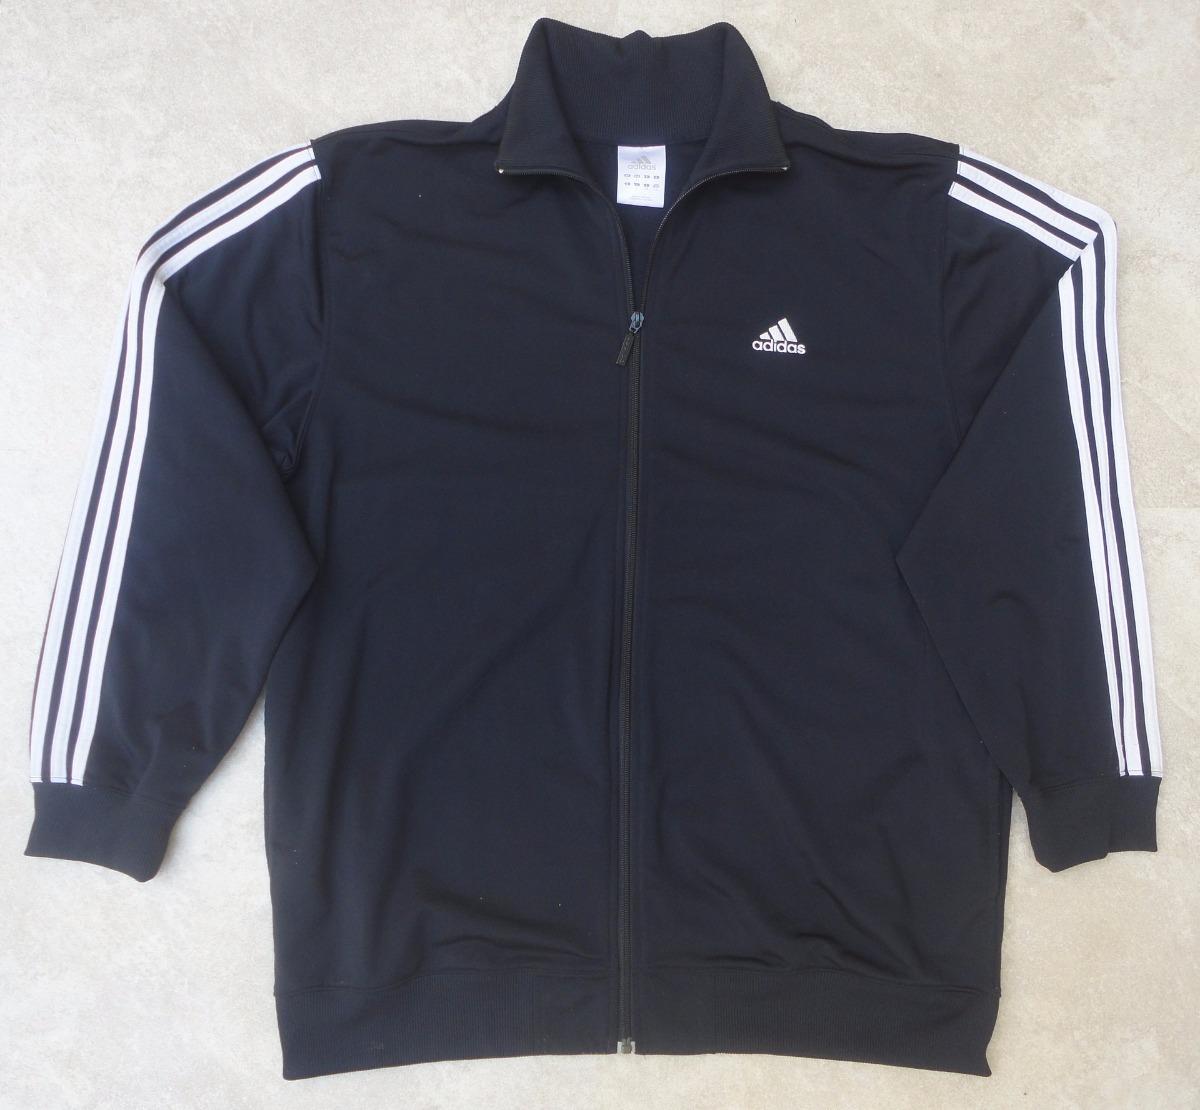 50ec84c9731 jaqueta blusa agasalho adidas gg importado - frete grátis. Carregando zoom.